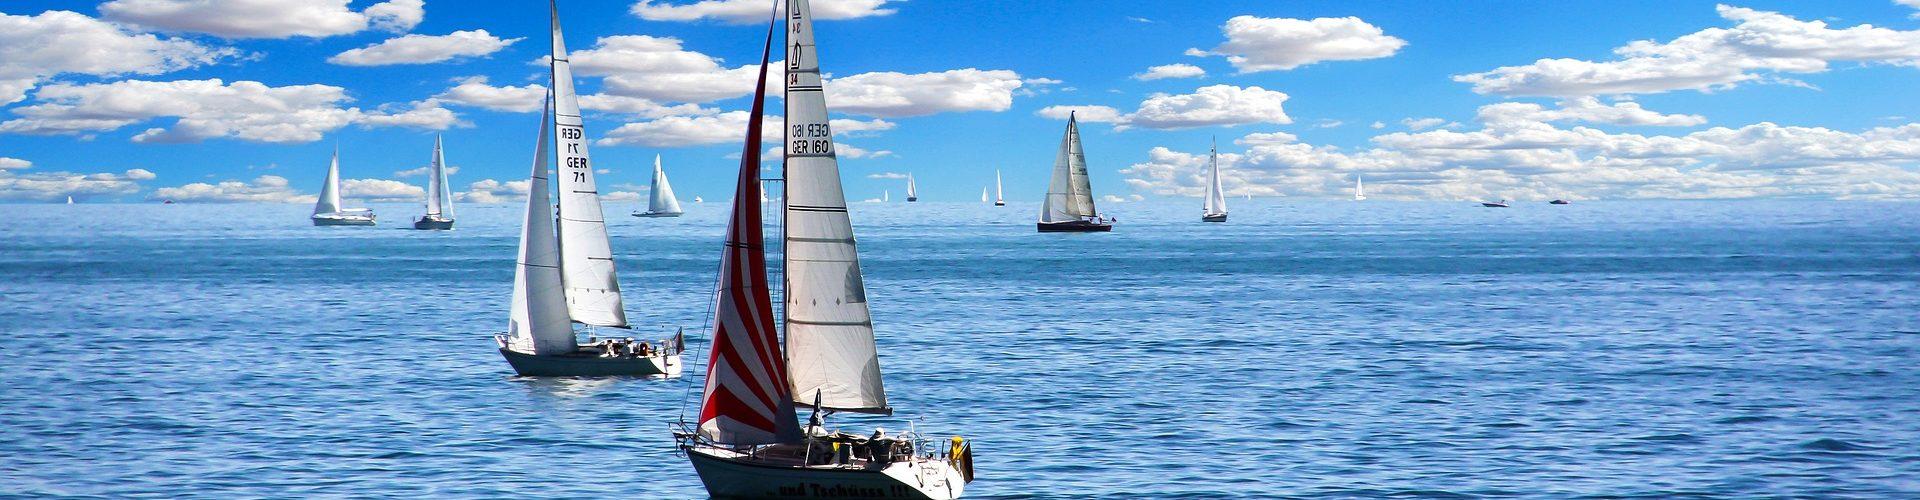 segeln lernen in Saal an der Donau segelschein machen in Saal an der Donau 1920x500 - Segeln lernen in Saal an der Donau